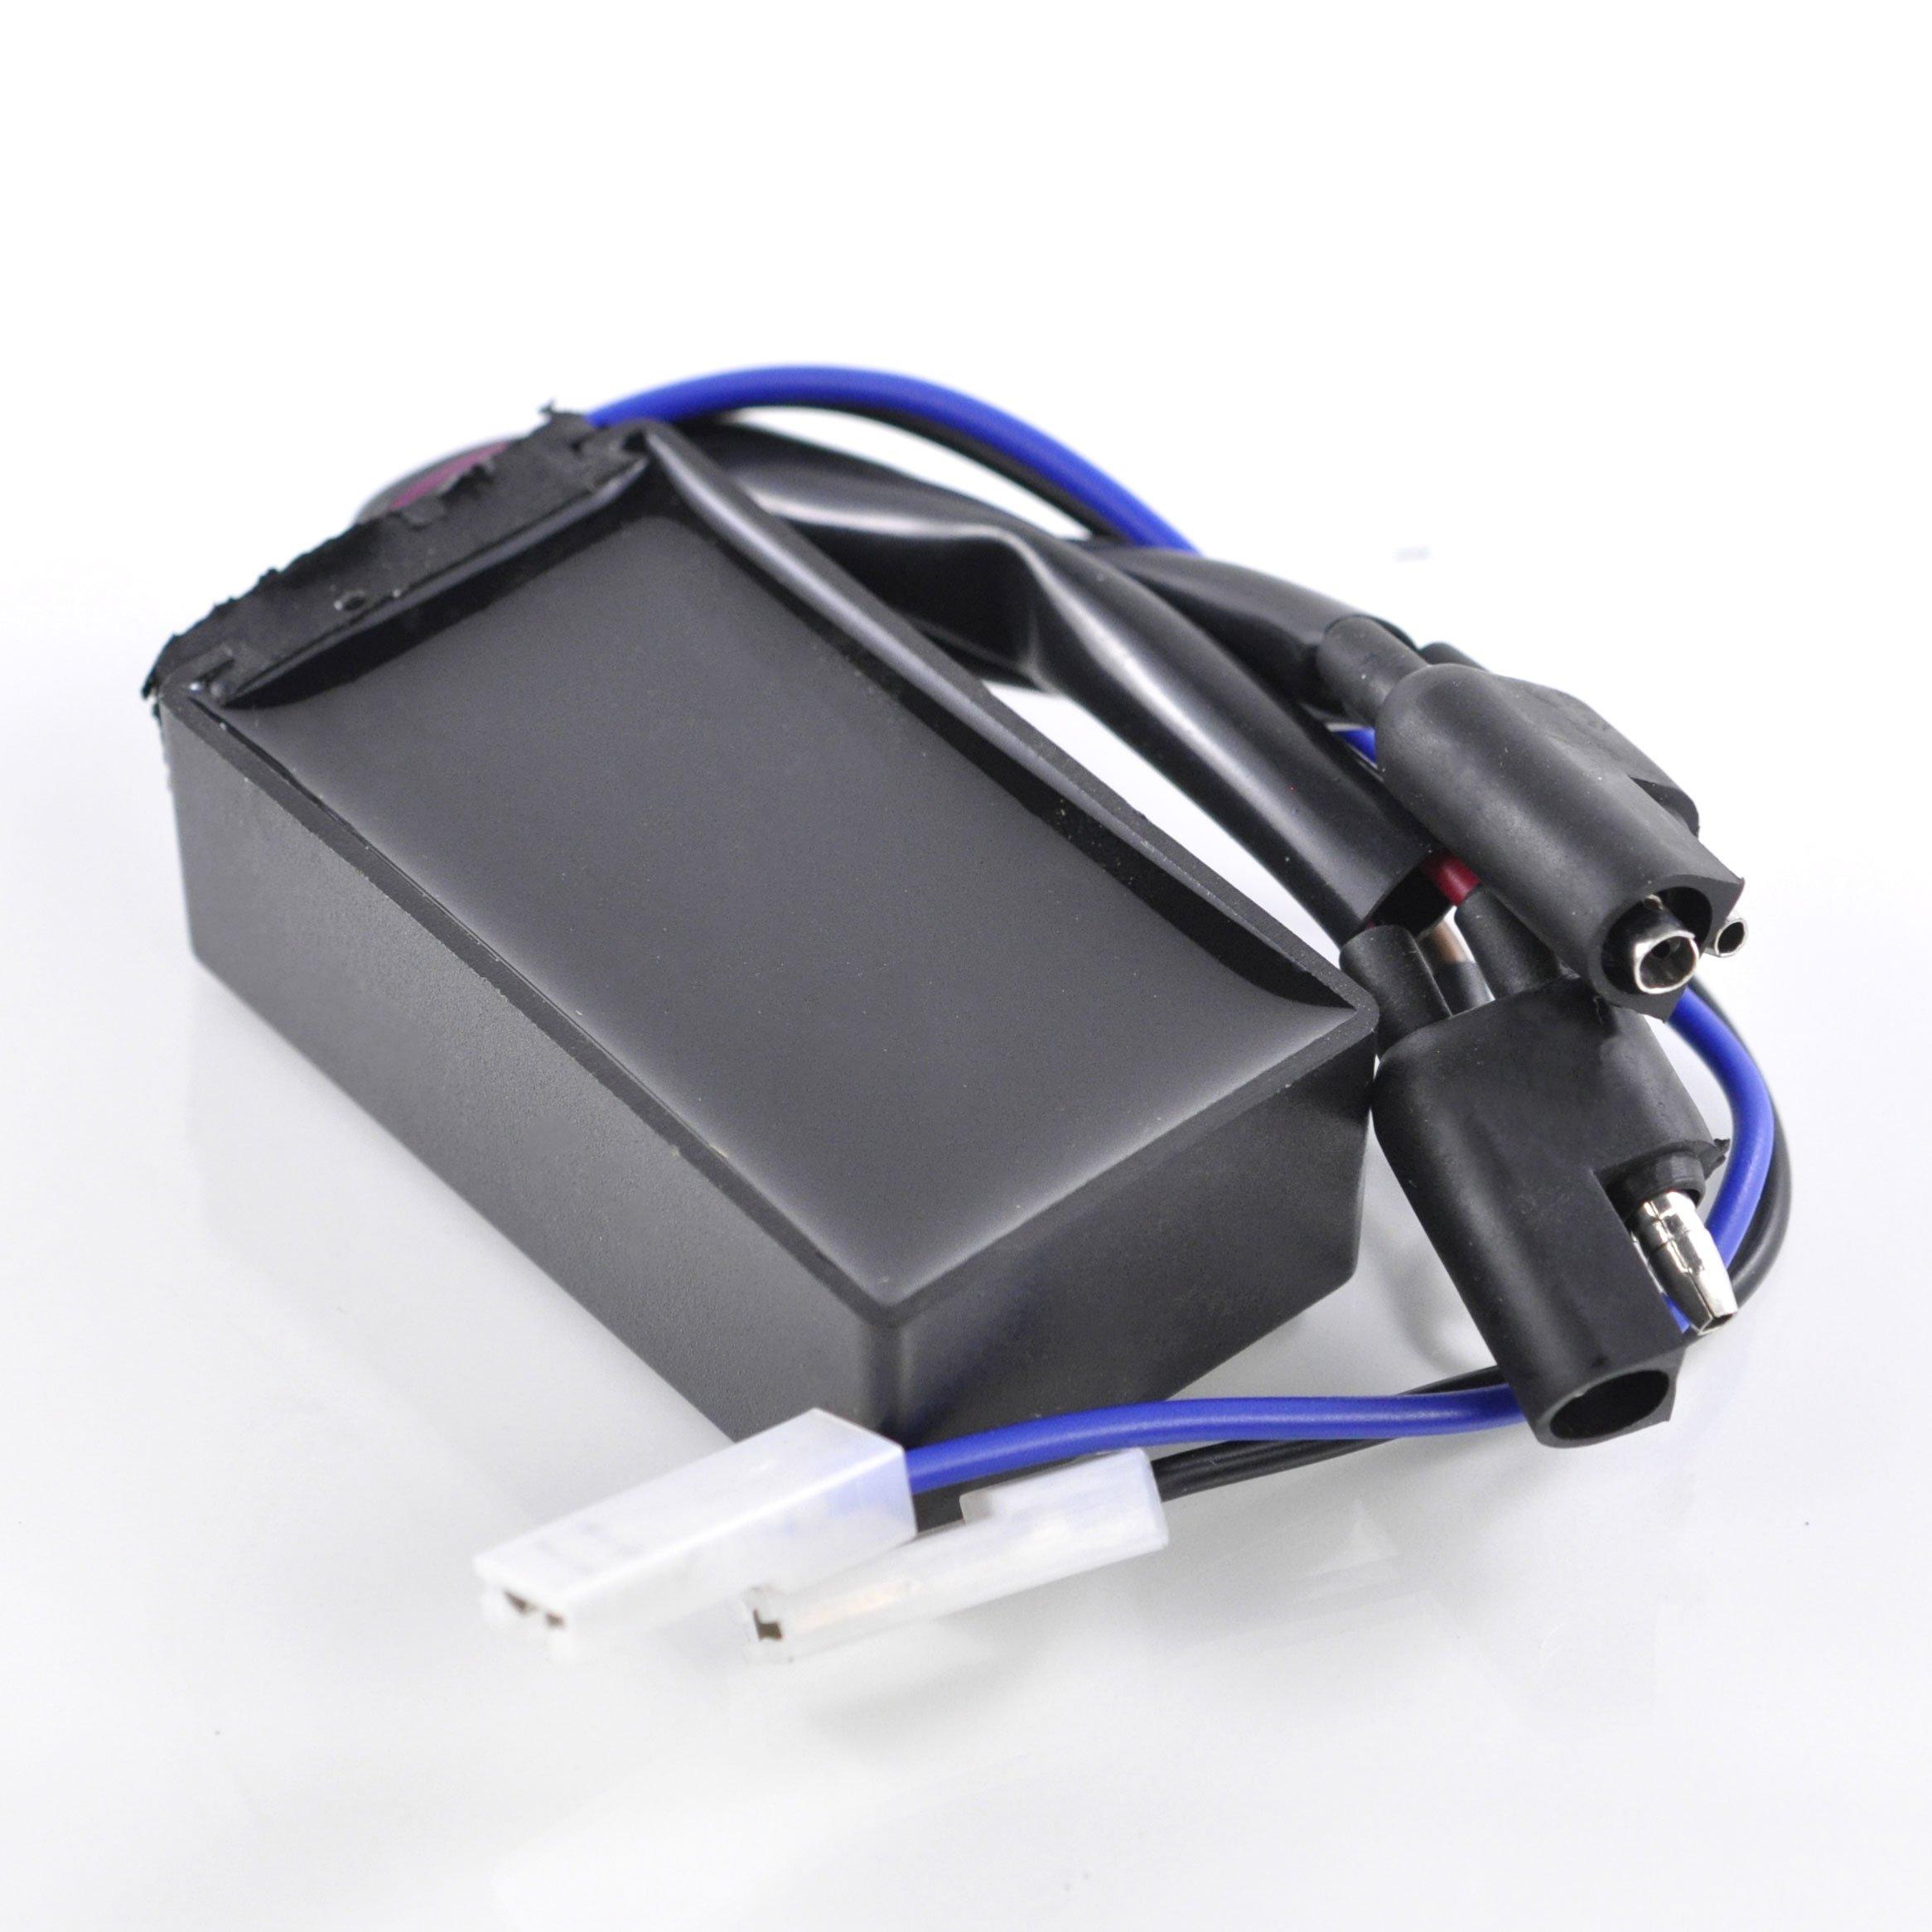 High Performance CDI Box For Polaris 400 L/Big Boss/Sport / Sportsman/Xplorer / Xpress 300 400 400L 4x4 6x6 1994-2002 OEM Repl.# 3084767 3085087 3085623